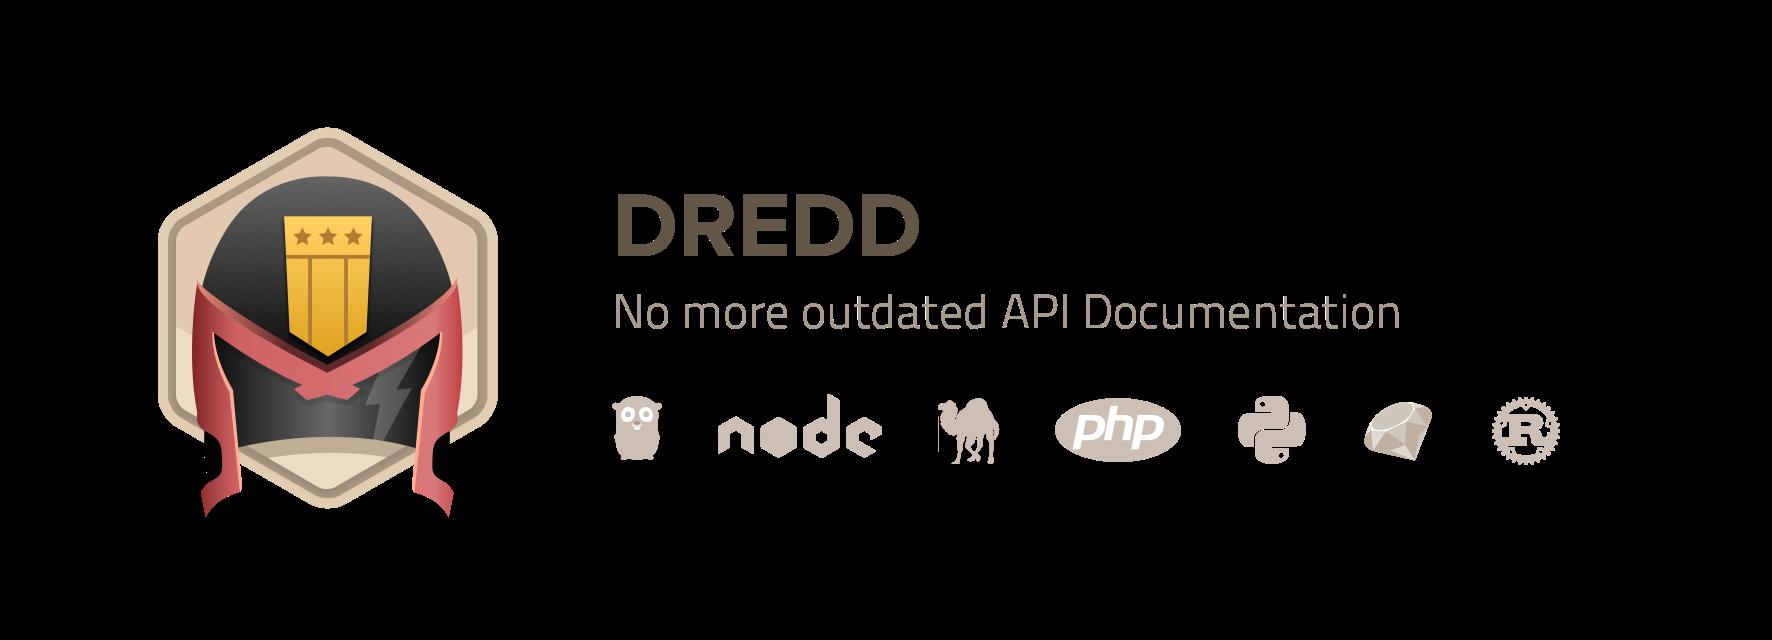 Dredd http api testing framework dredd 5111 documentation dredd http api testing framework malvernweather Gallery